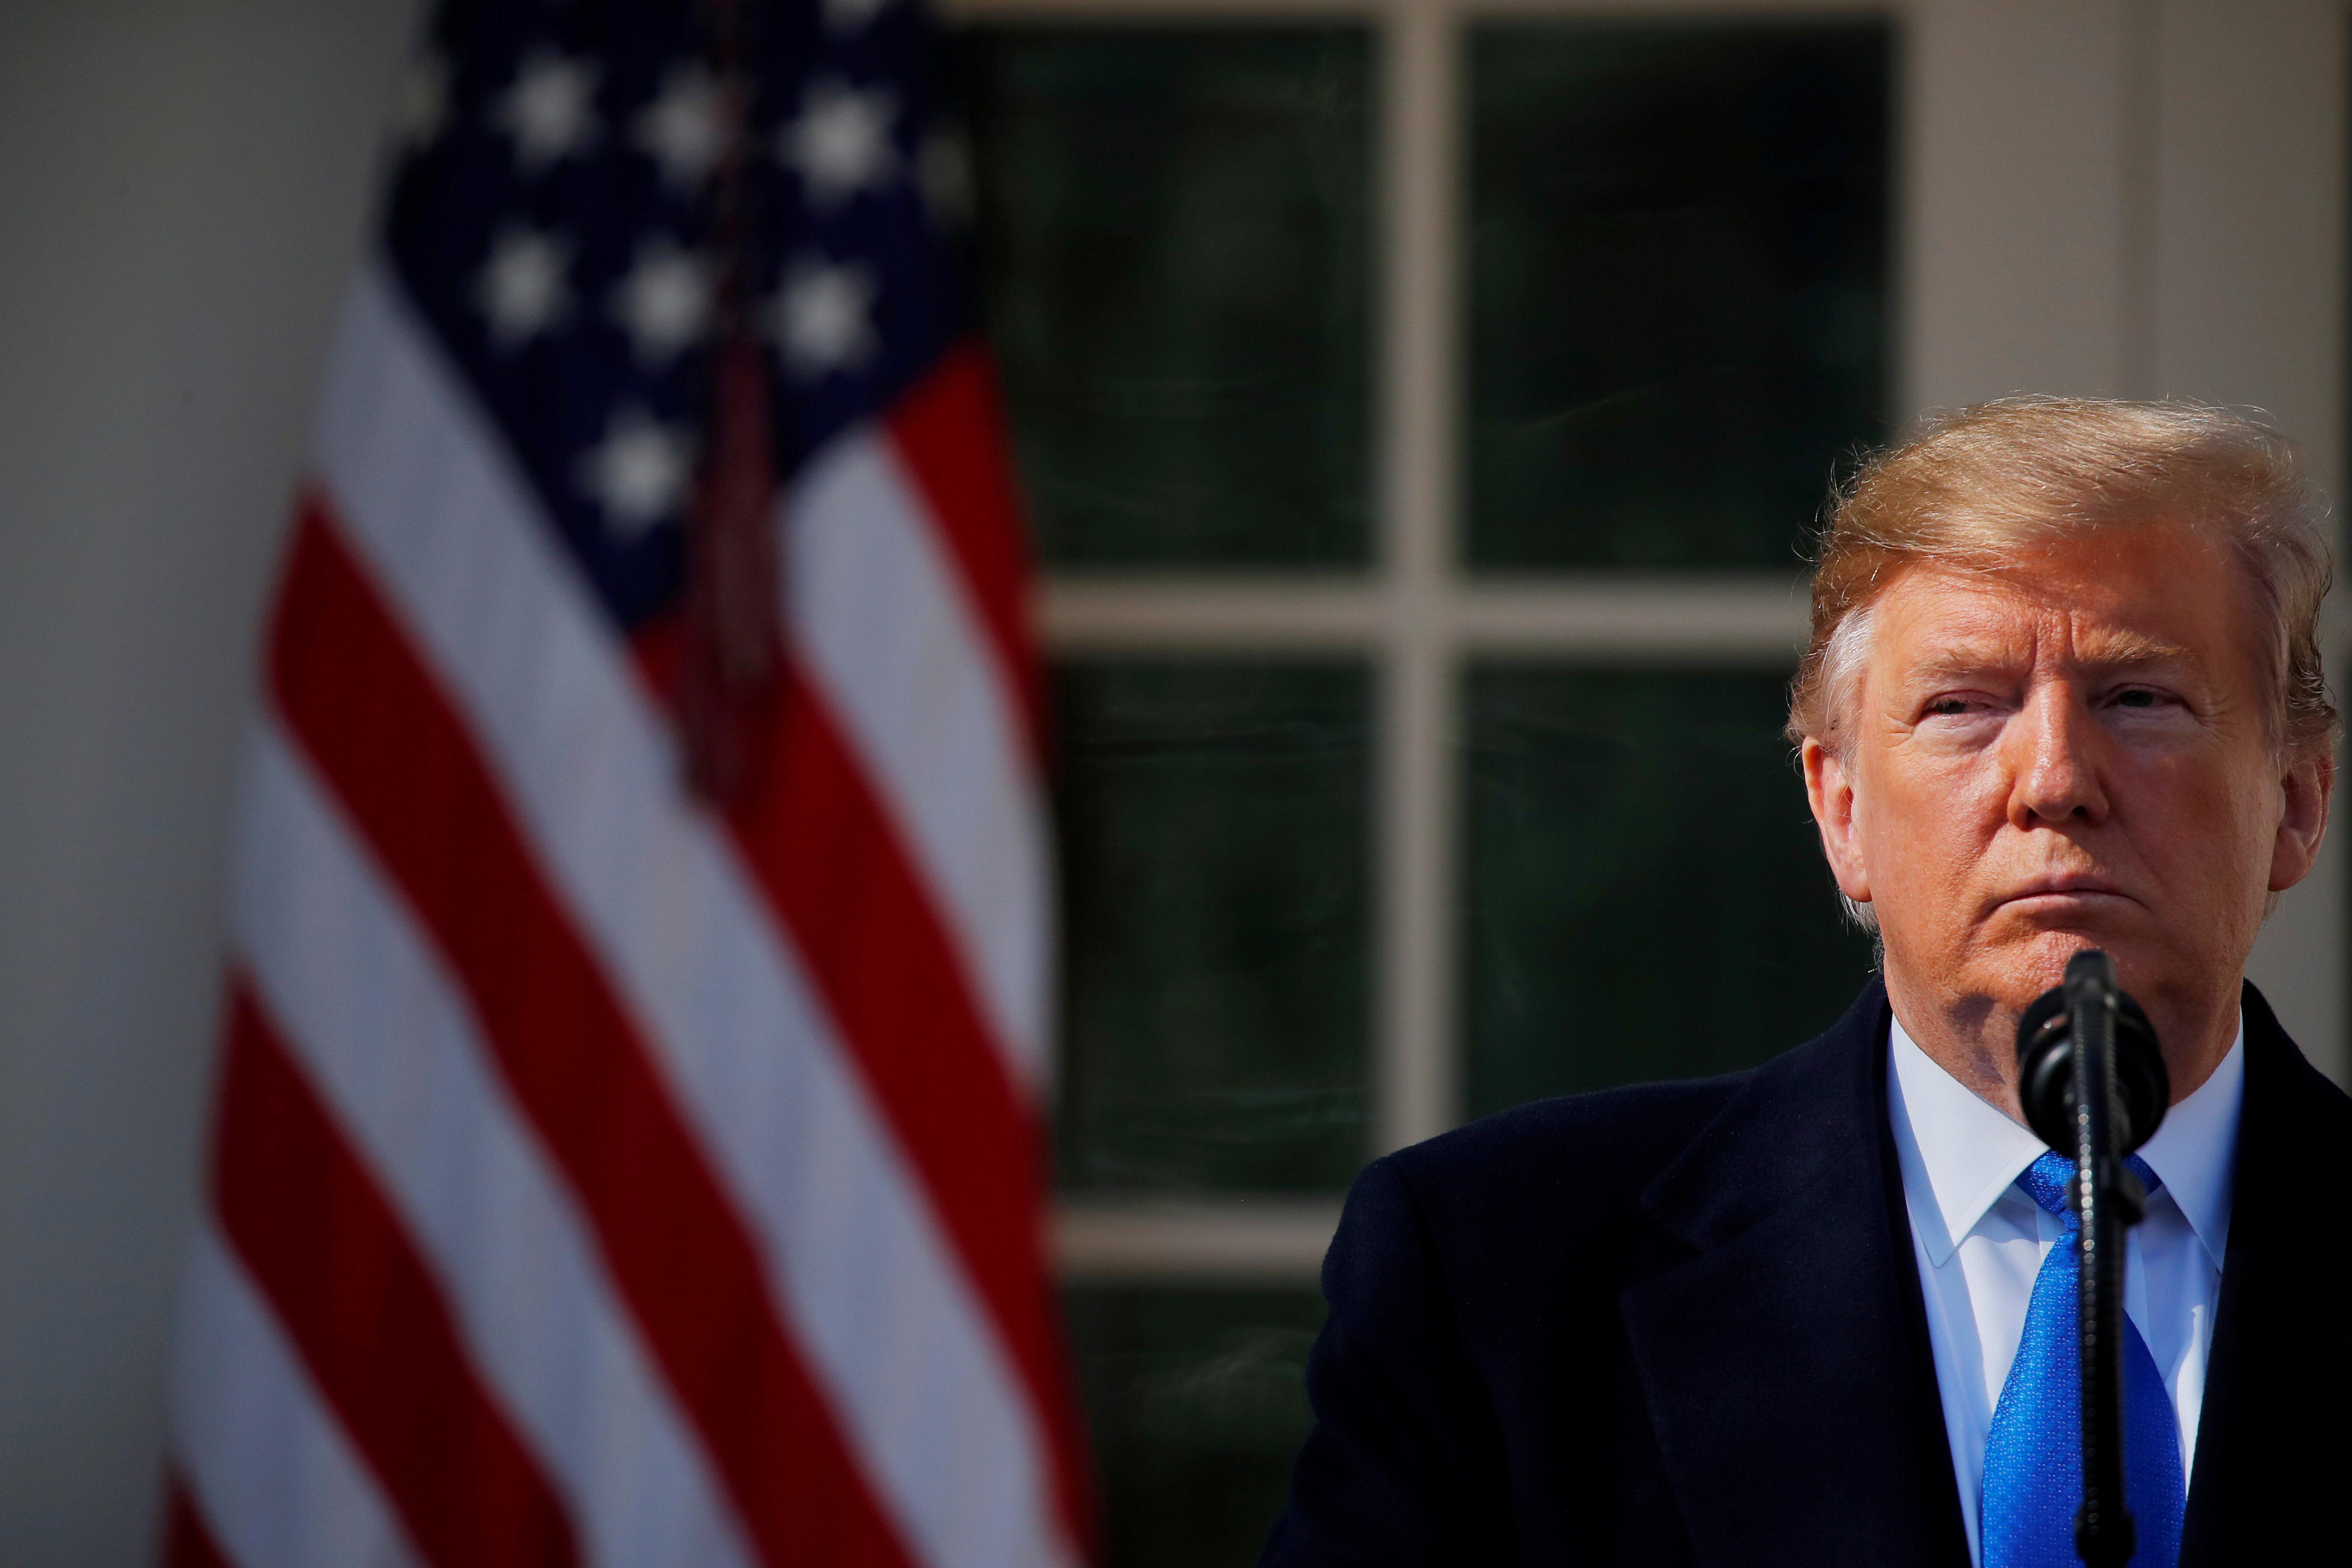 Mnuchin says 'analyzing the law' on Trump tax return request